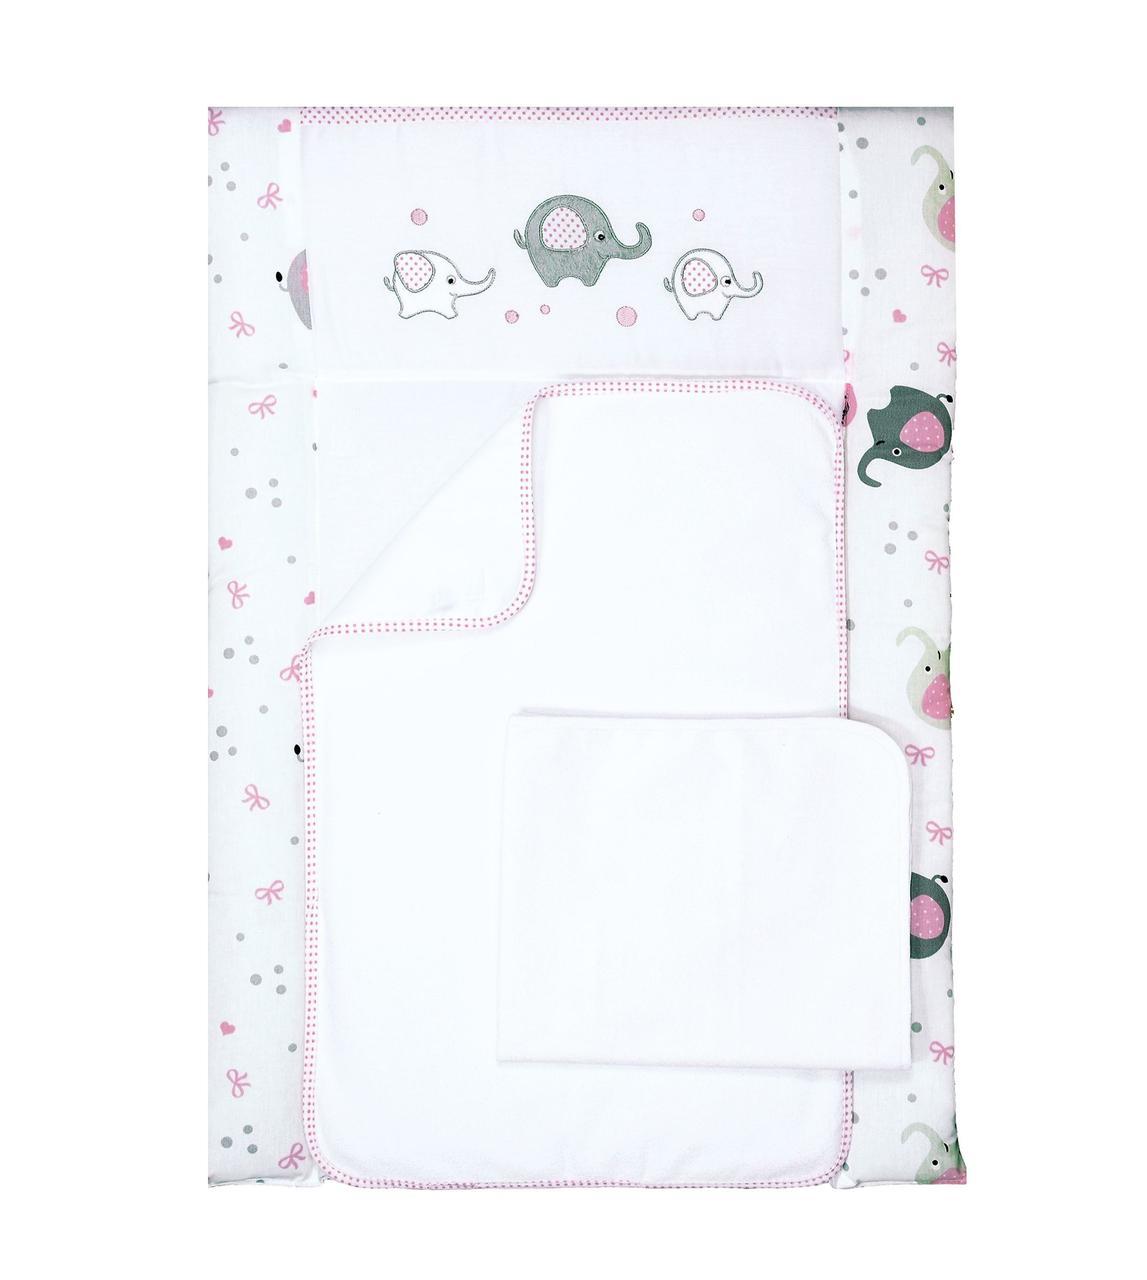 Пеленальный матрас для новорожденных тканевый Veres Elephant family pink